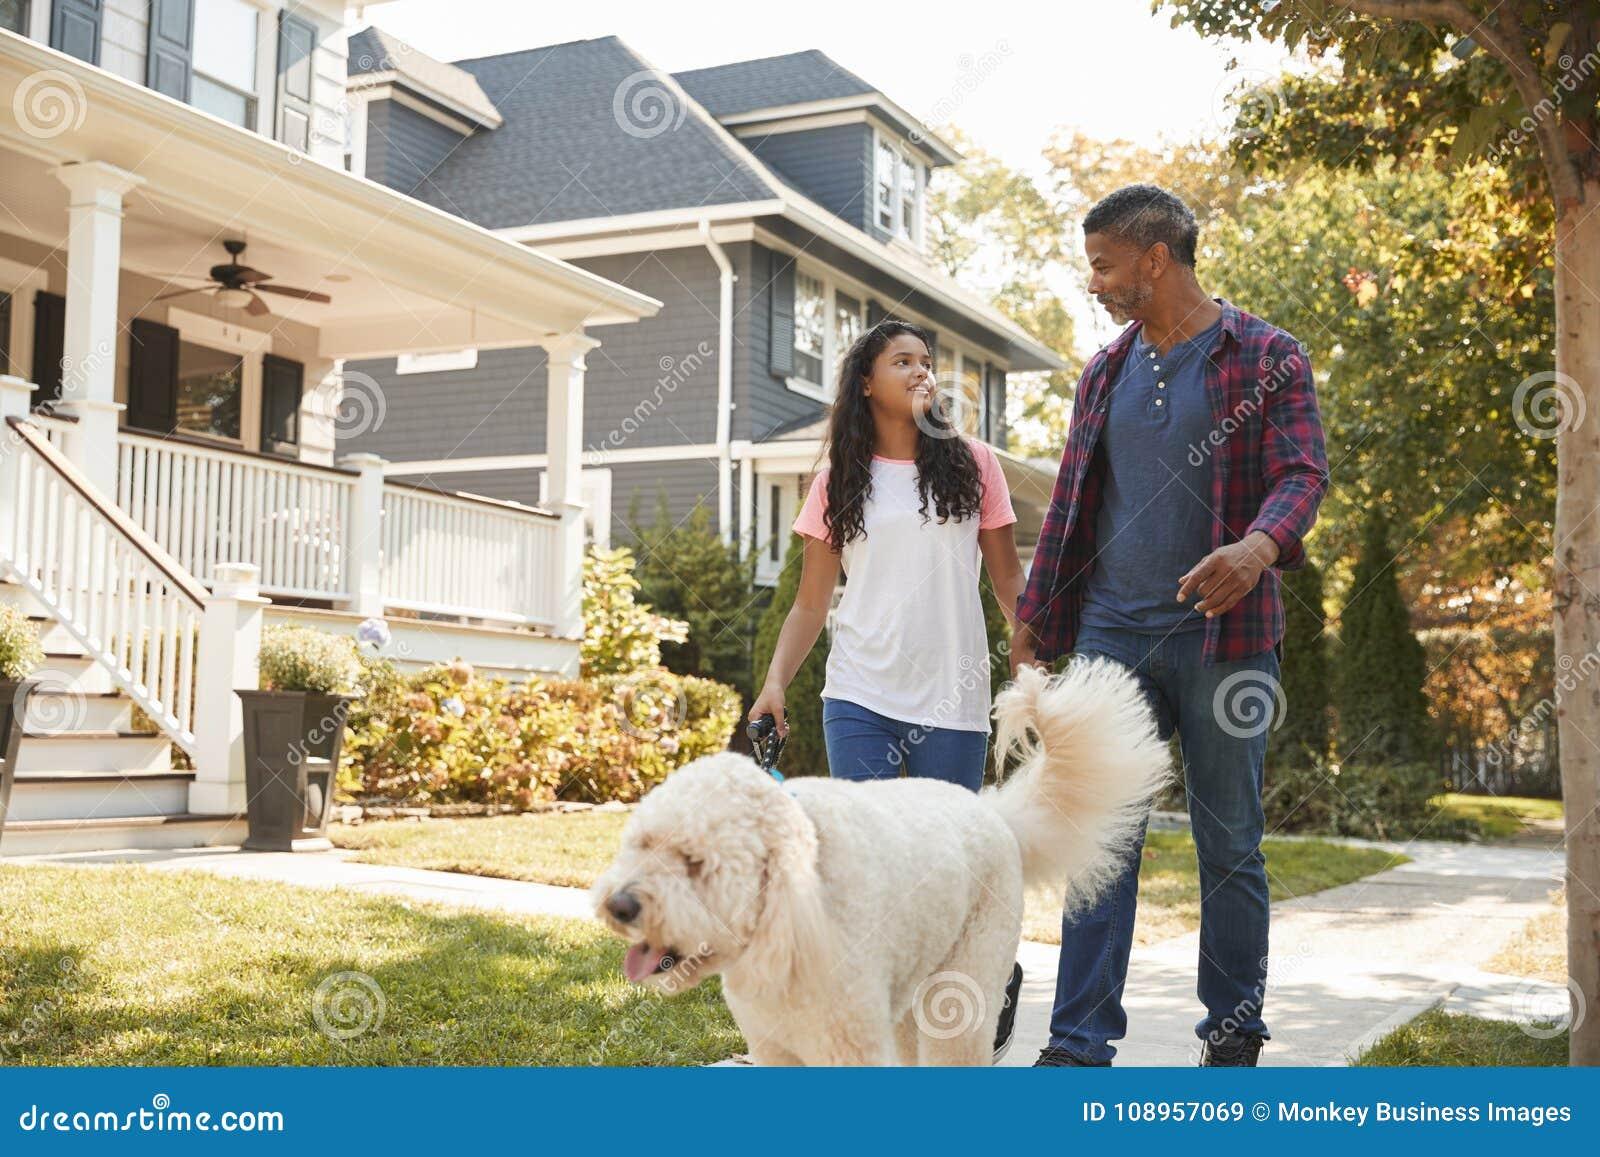 Perro de And Daughter Walking del padre a lo largo de la calle suburbana